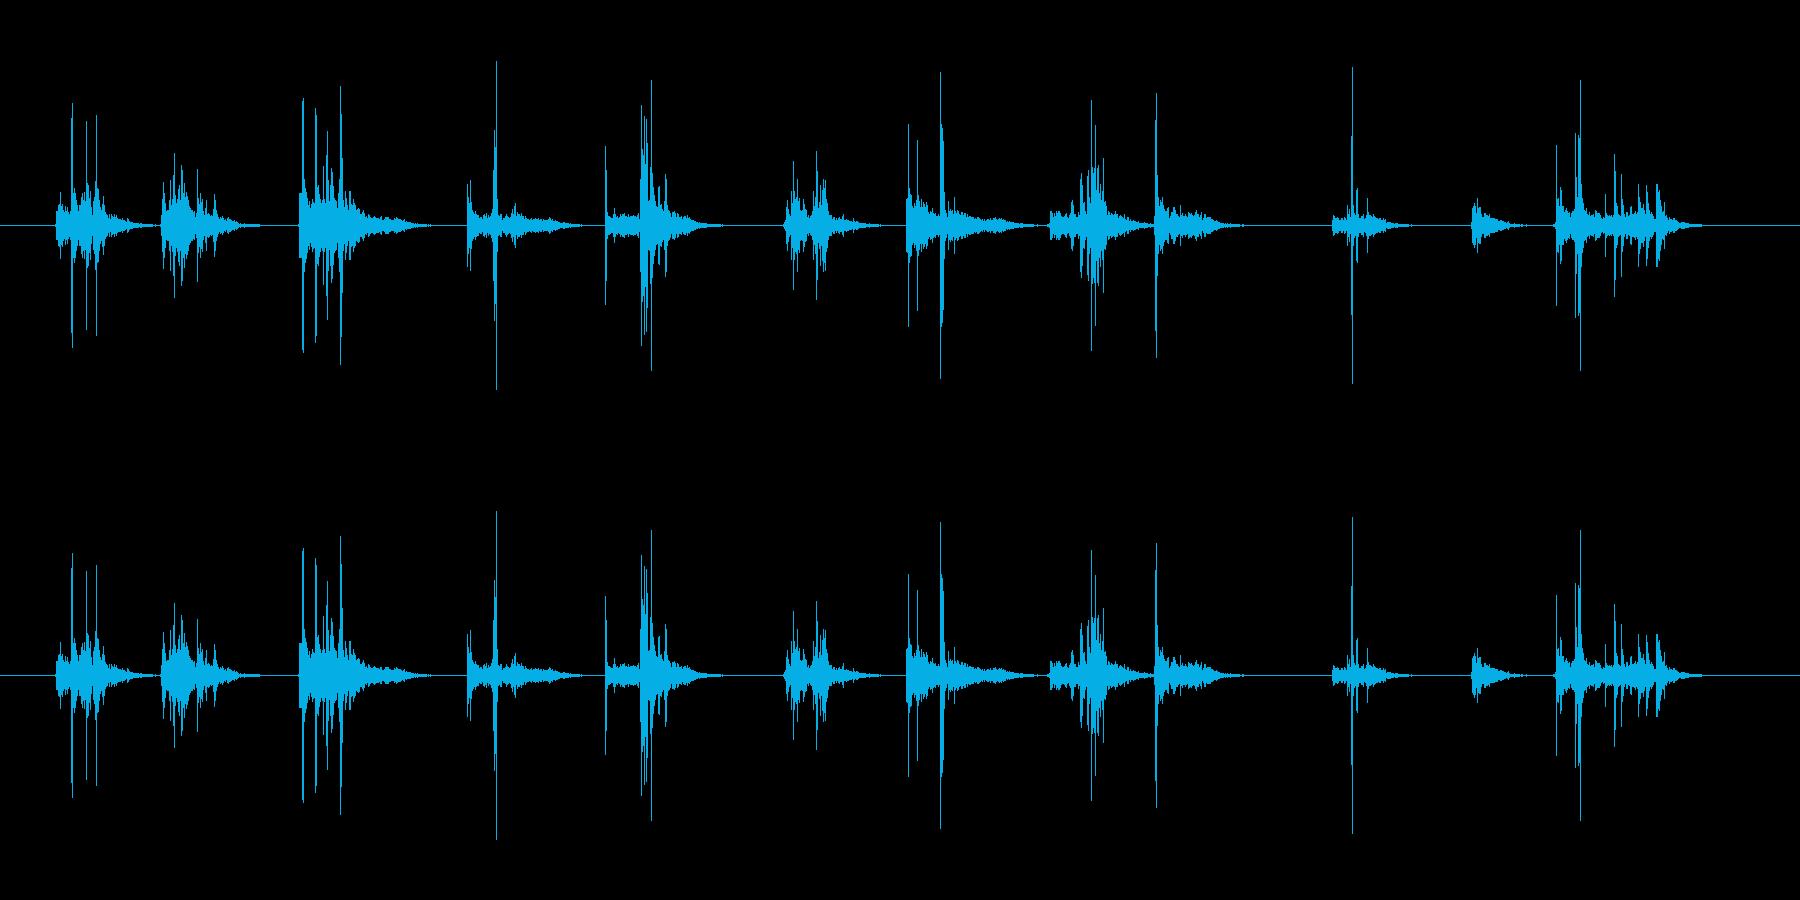 ペットボトルのキャップあける音の再生済みの波形